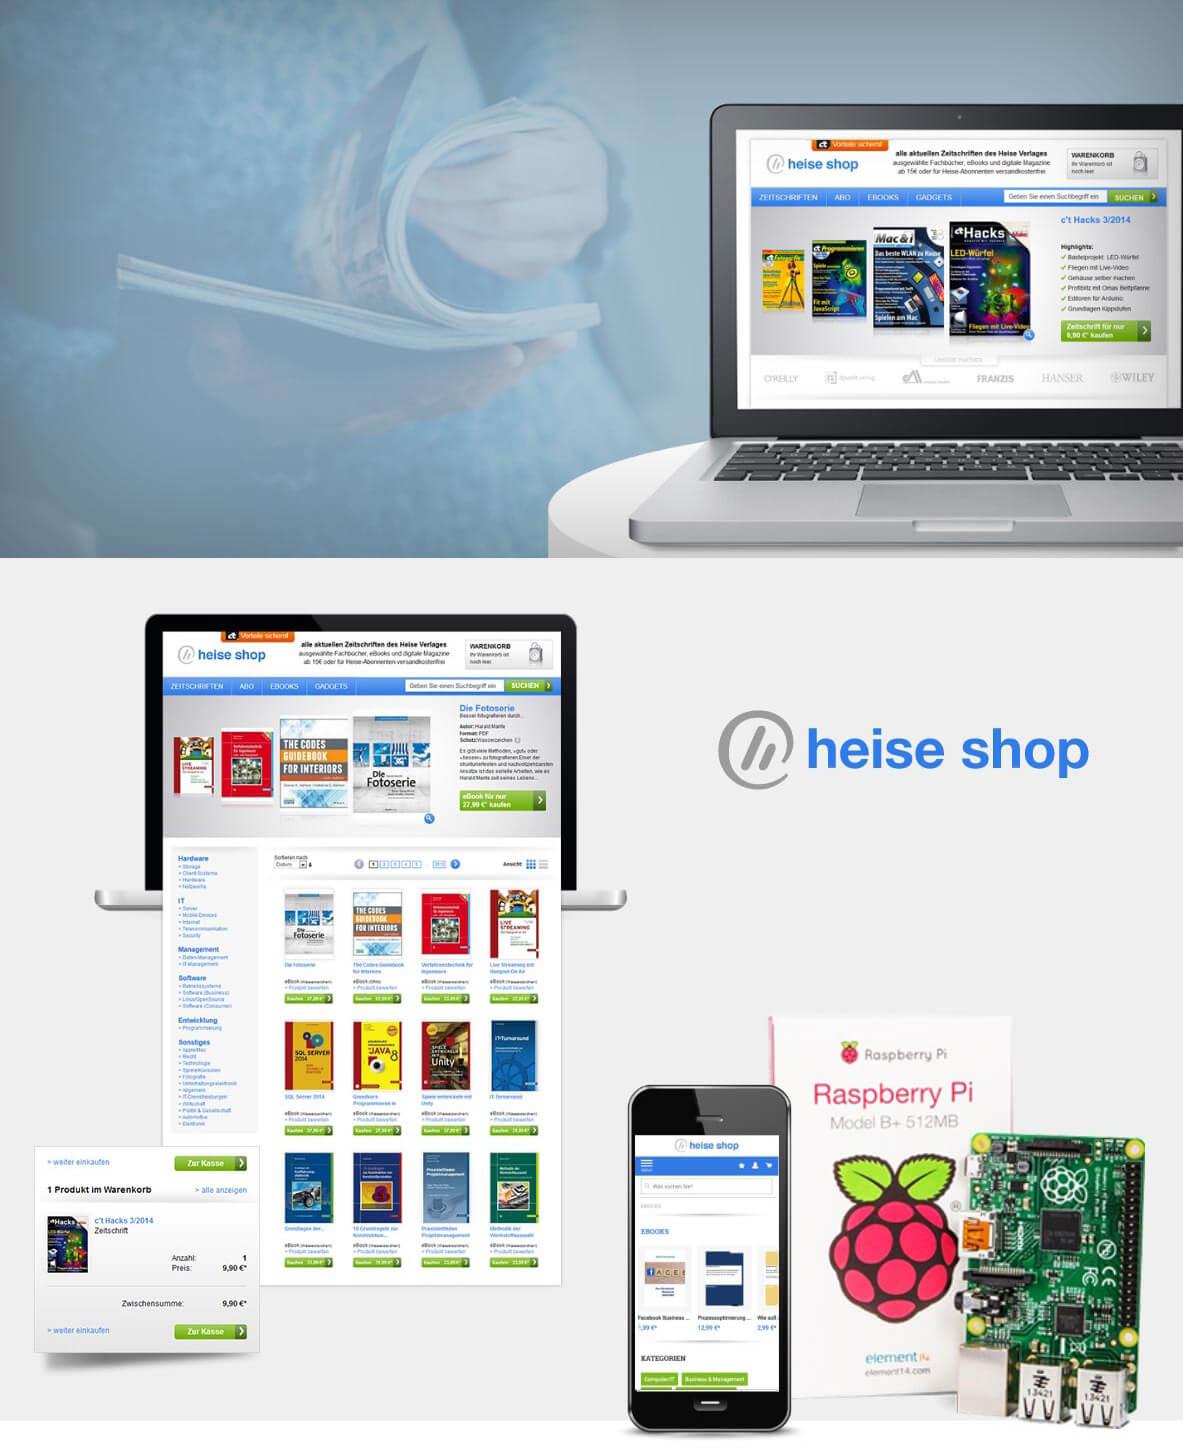 heise shop Shopsystem Magento | Referenz igniti GmbH